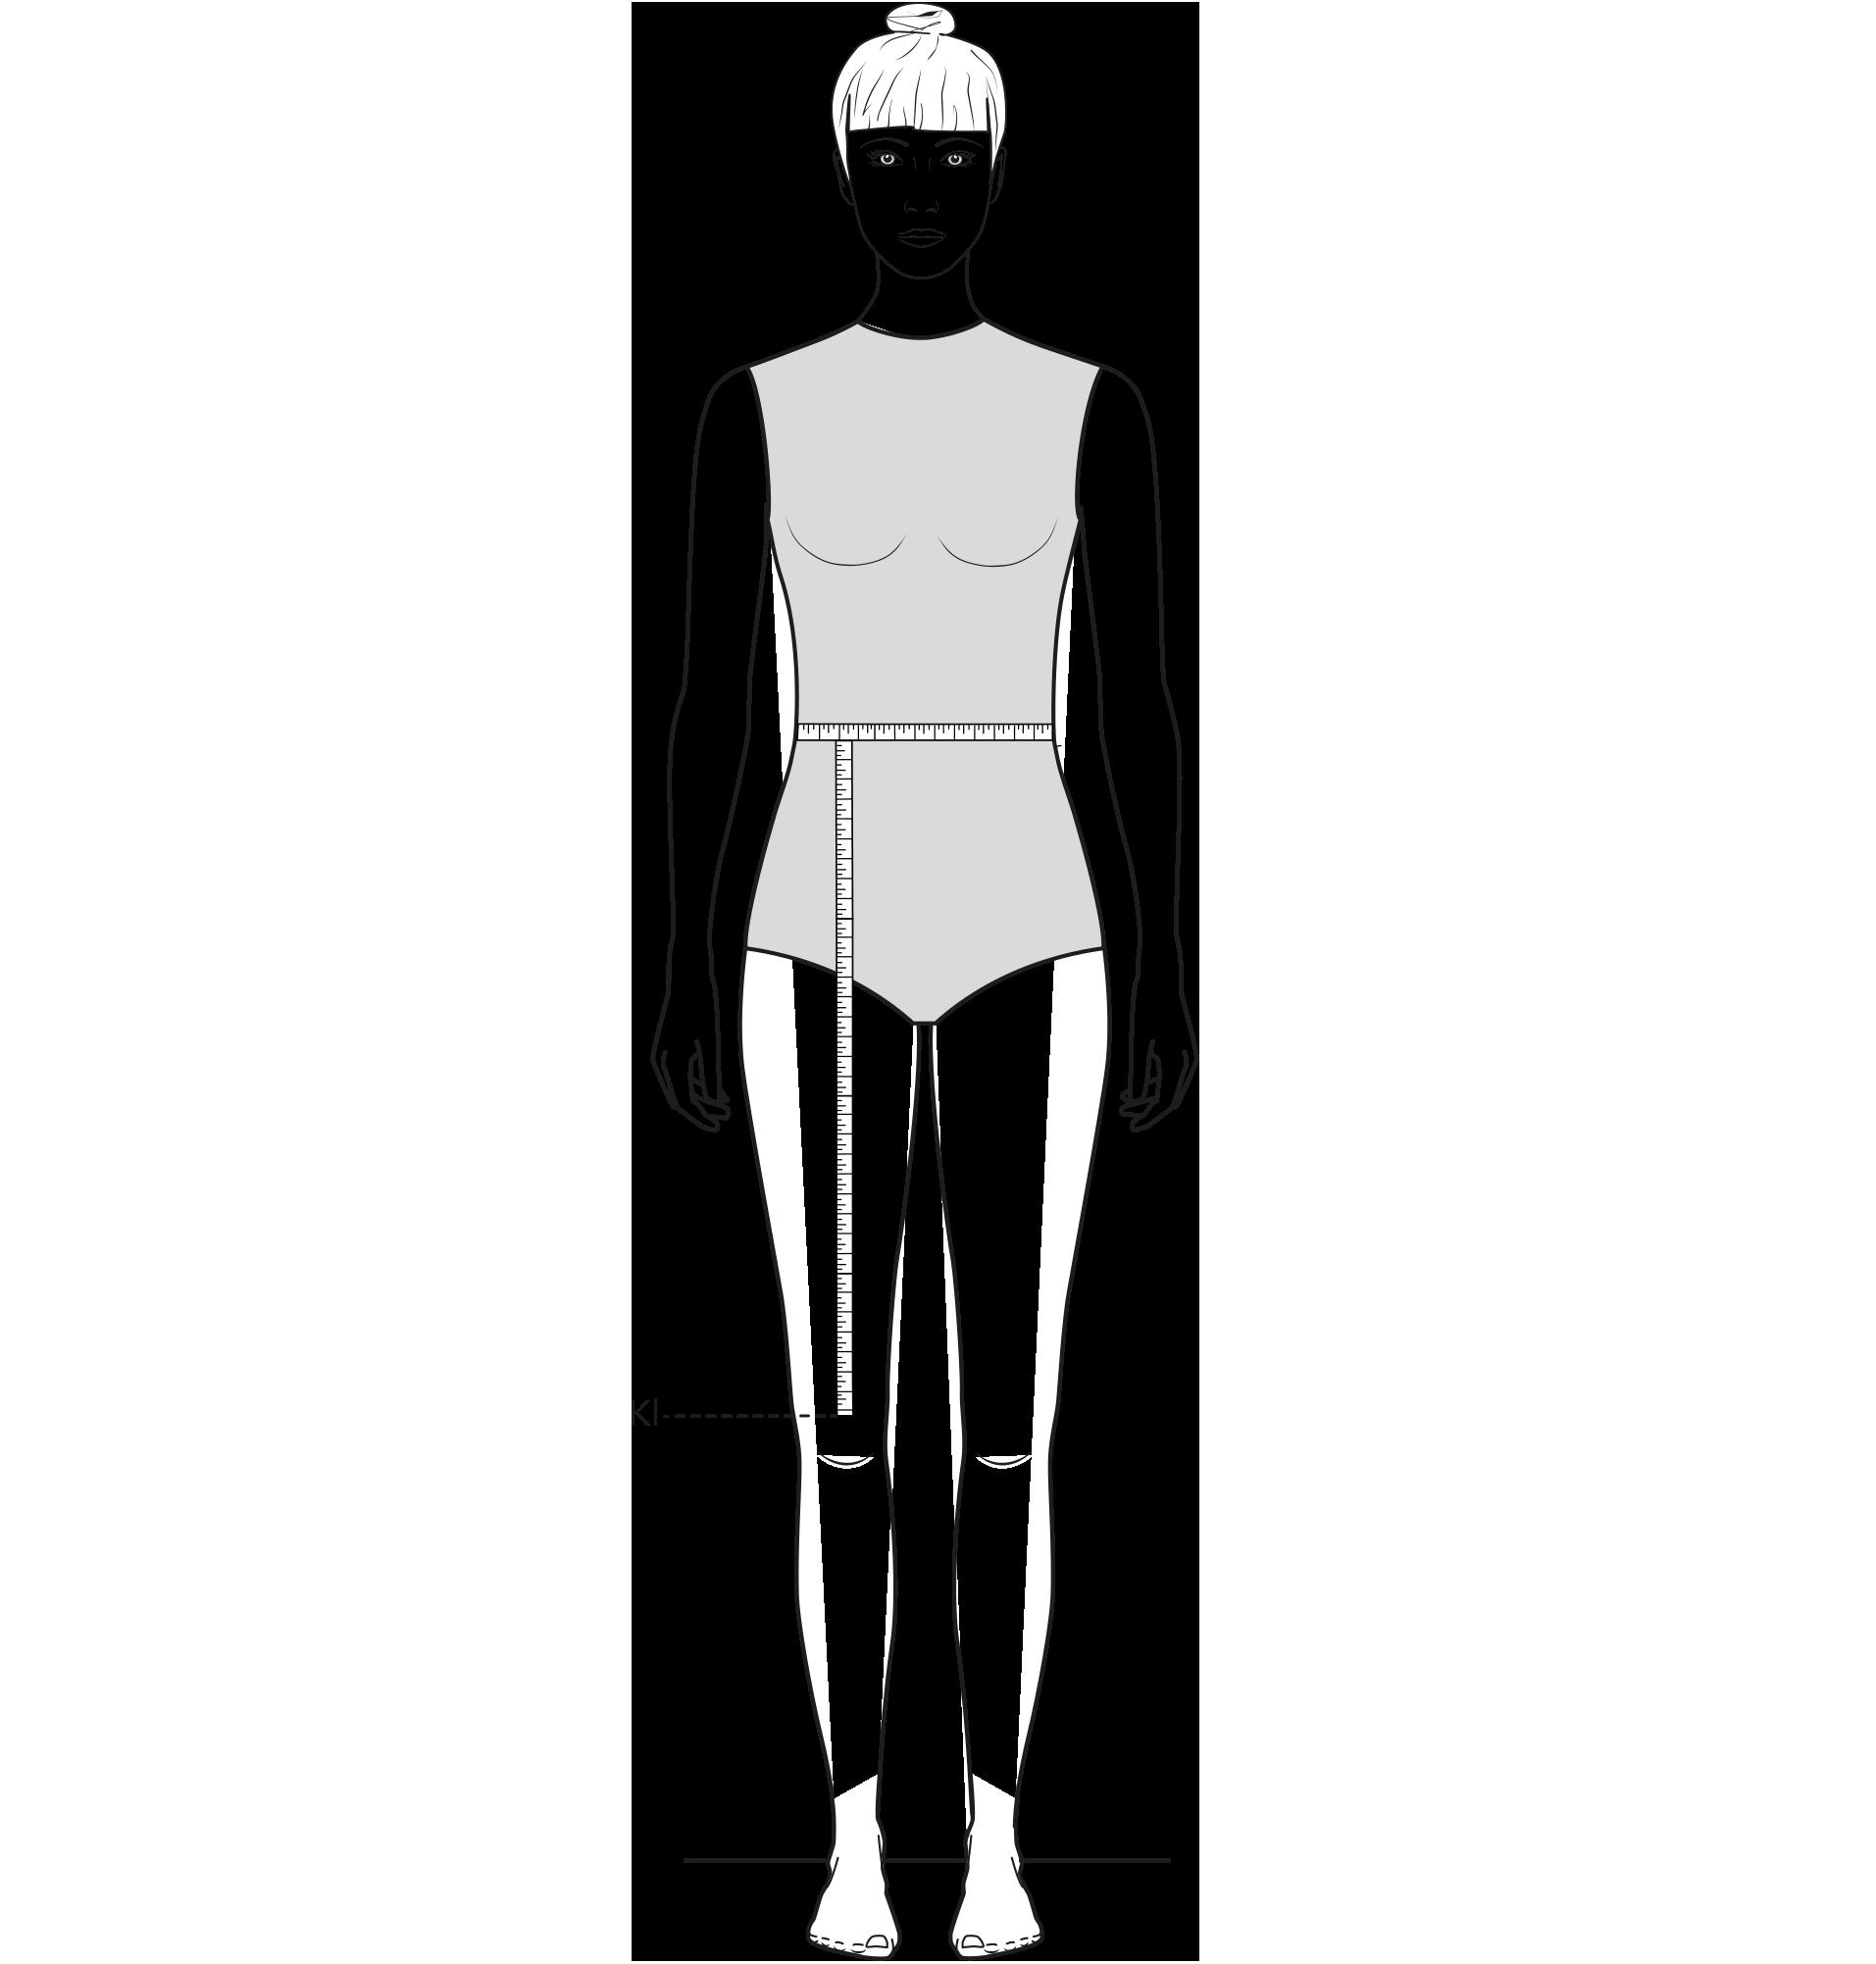 Diese Zeichnung zeigt das Messen der Knielänge.